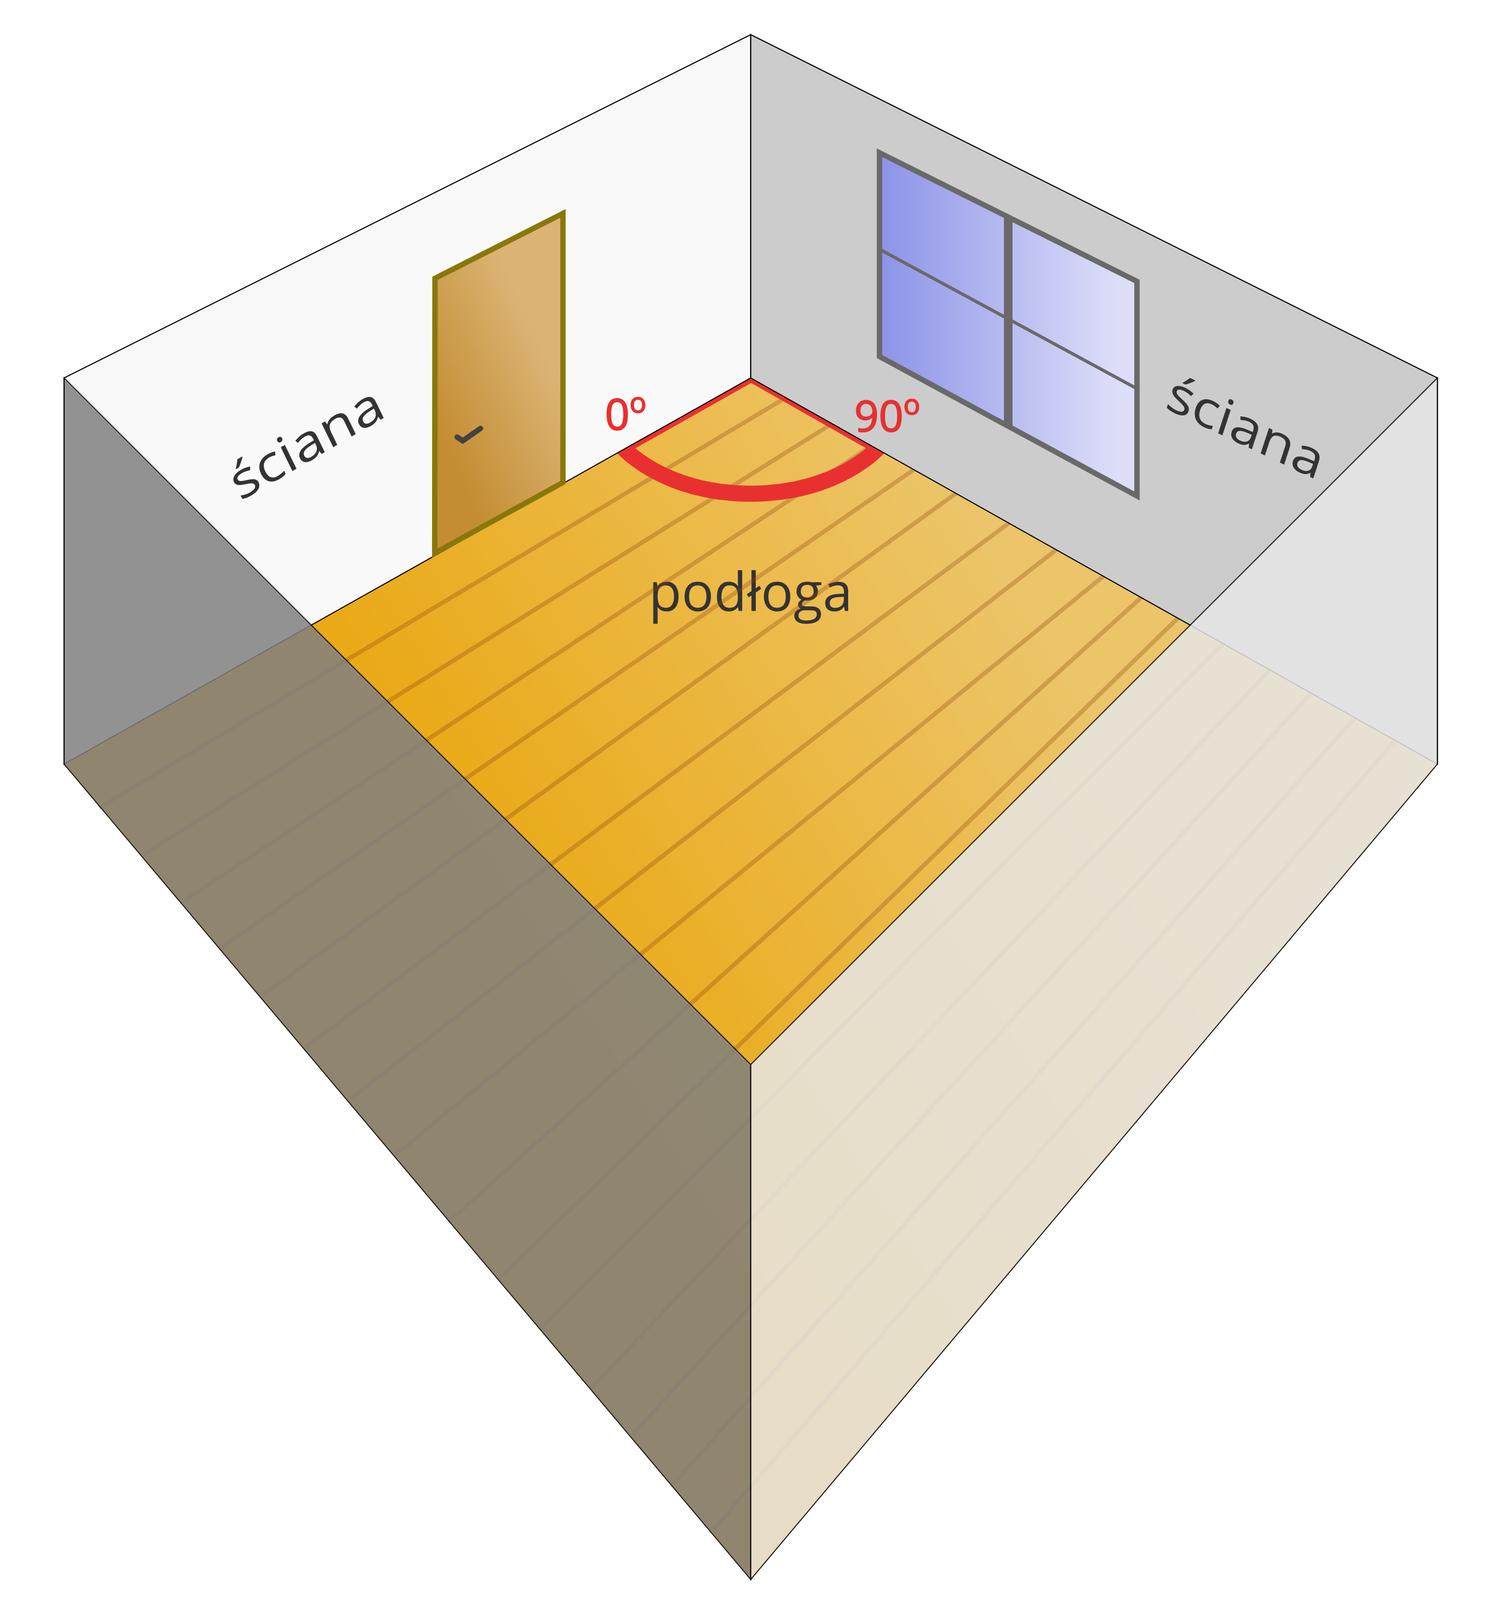 Ilustracja przedstawia pokój widziany zgóry. Przodem do obserwatora widoczne są dwie ściany, które stykają się ze sobą. Wmiejscu tego zetknięcia tworzą kąt prosty wynoszący dziewięćdziesiąt stopni. Obszar między ścianami to kąt dwuścienny.